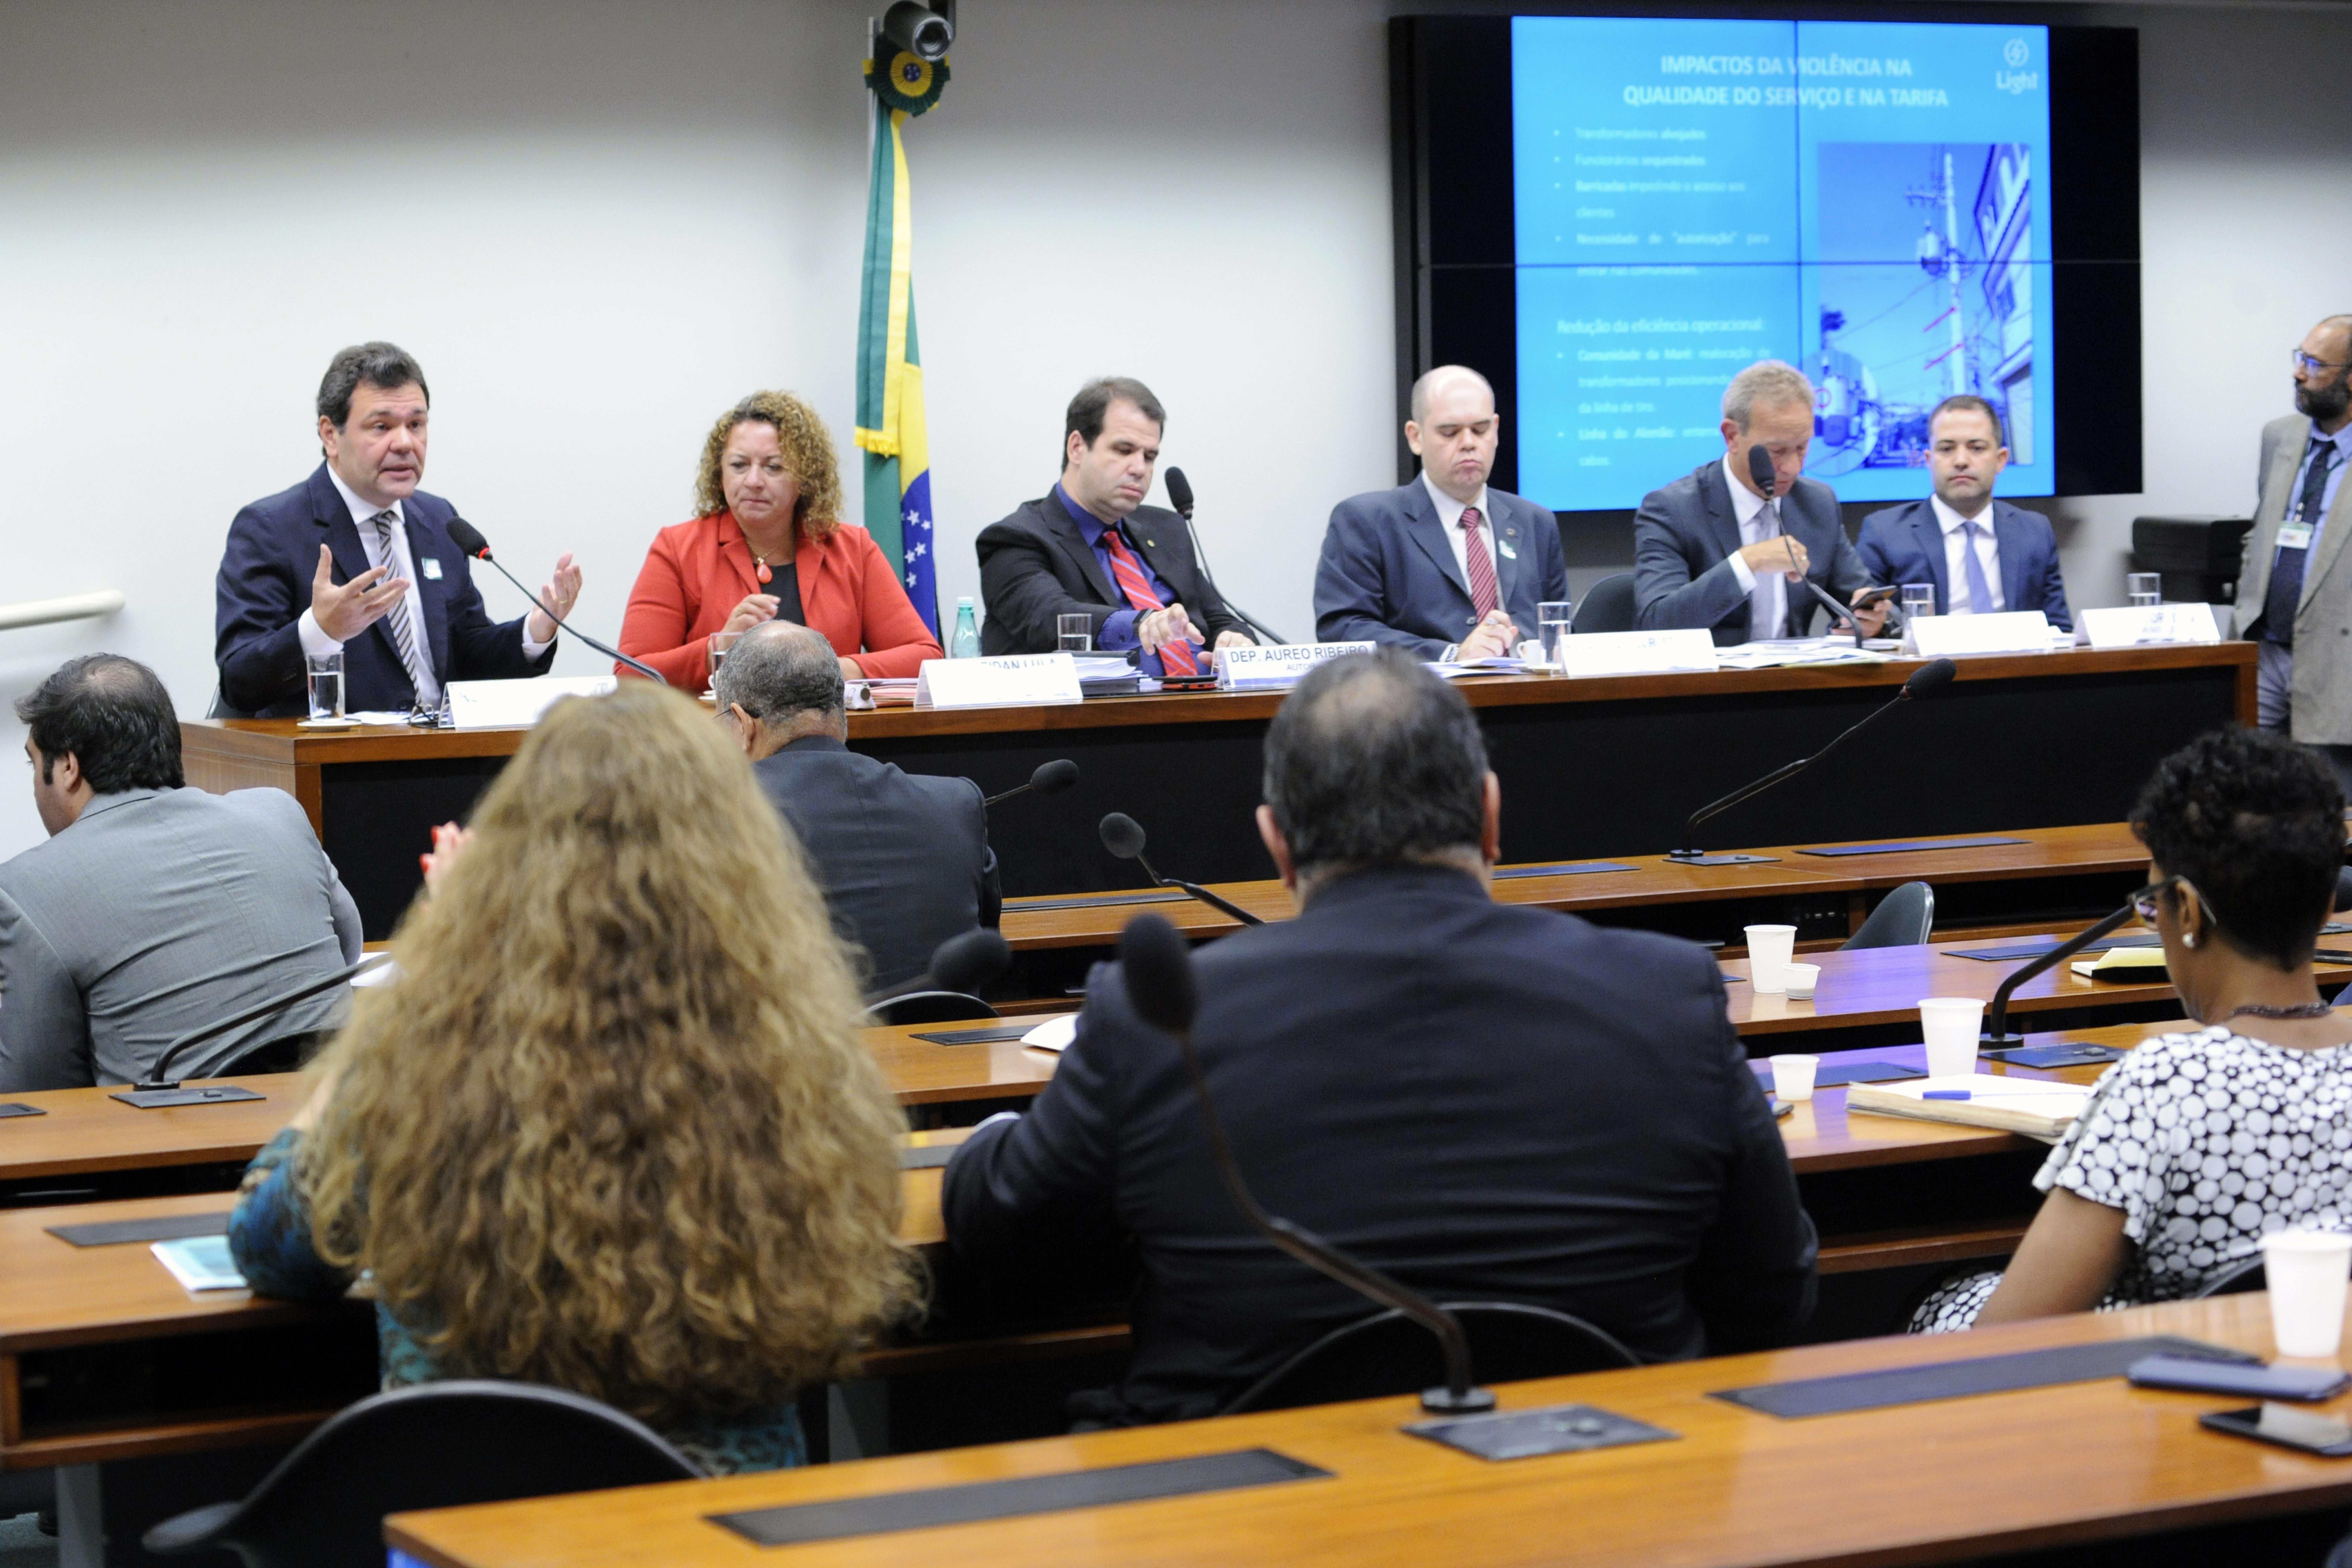 Audiência pública sobre a cobrança pelas concessionárias de energia elétrica de valores oriundos de desvios e falhas na distribuição de energia elétrica